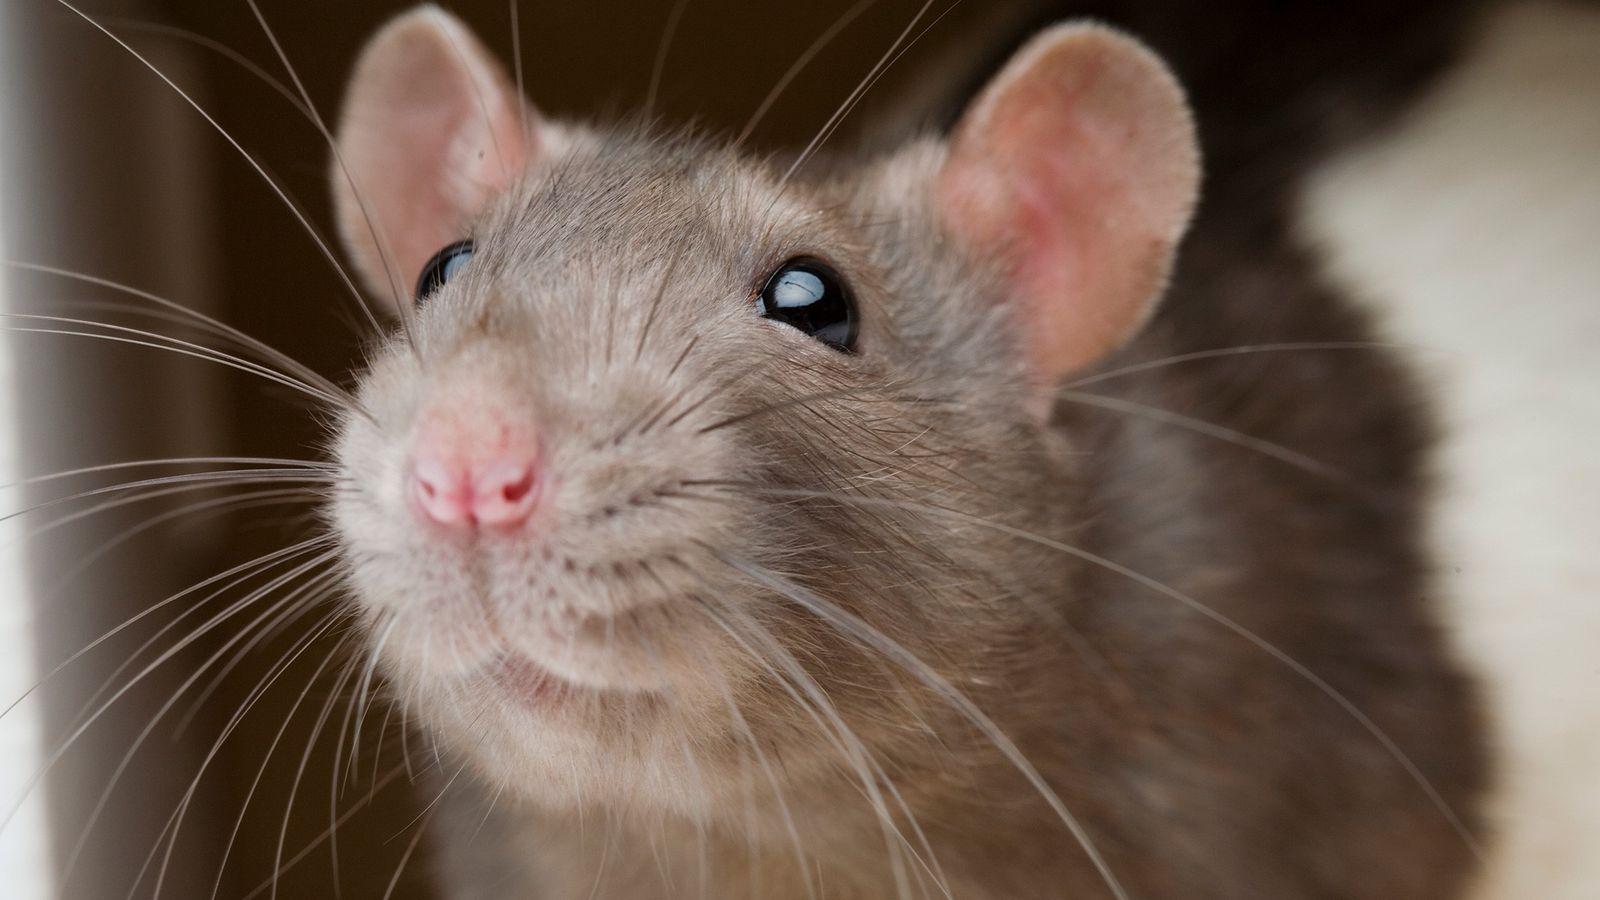 Ratos e humanos compartilham a mesma parte do cérebro que regula a aversão a danos físicos, ...